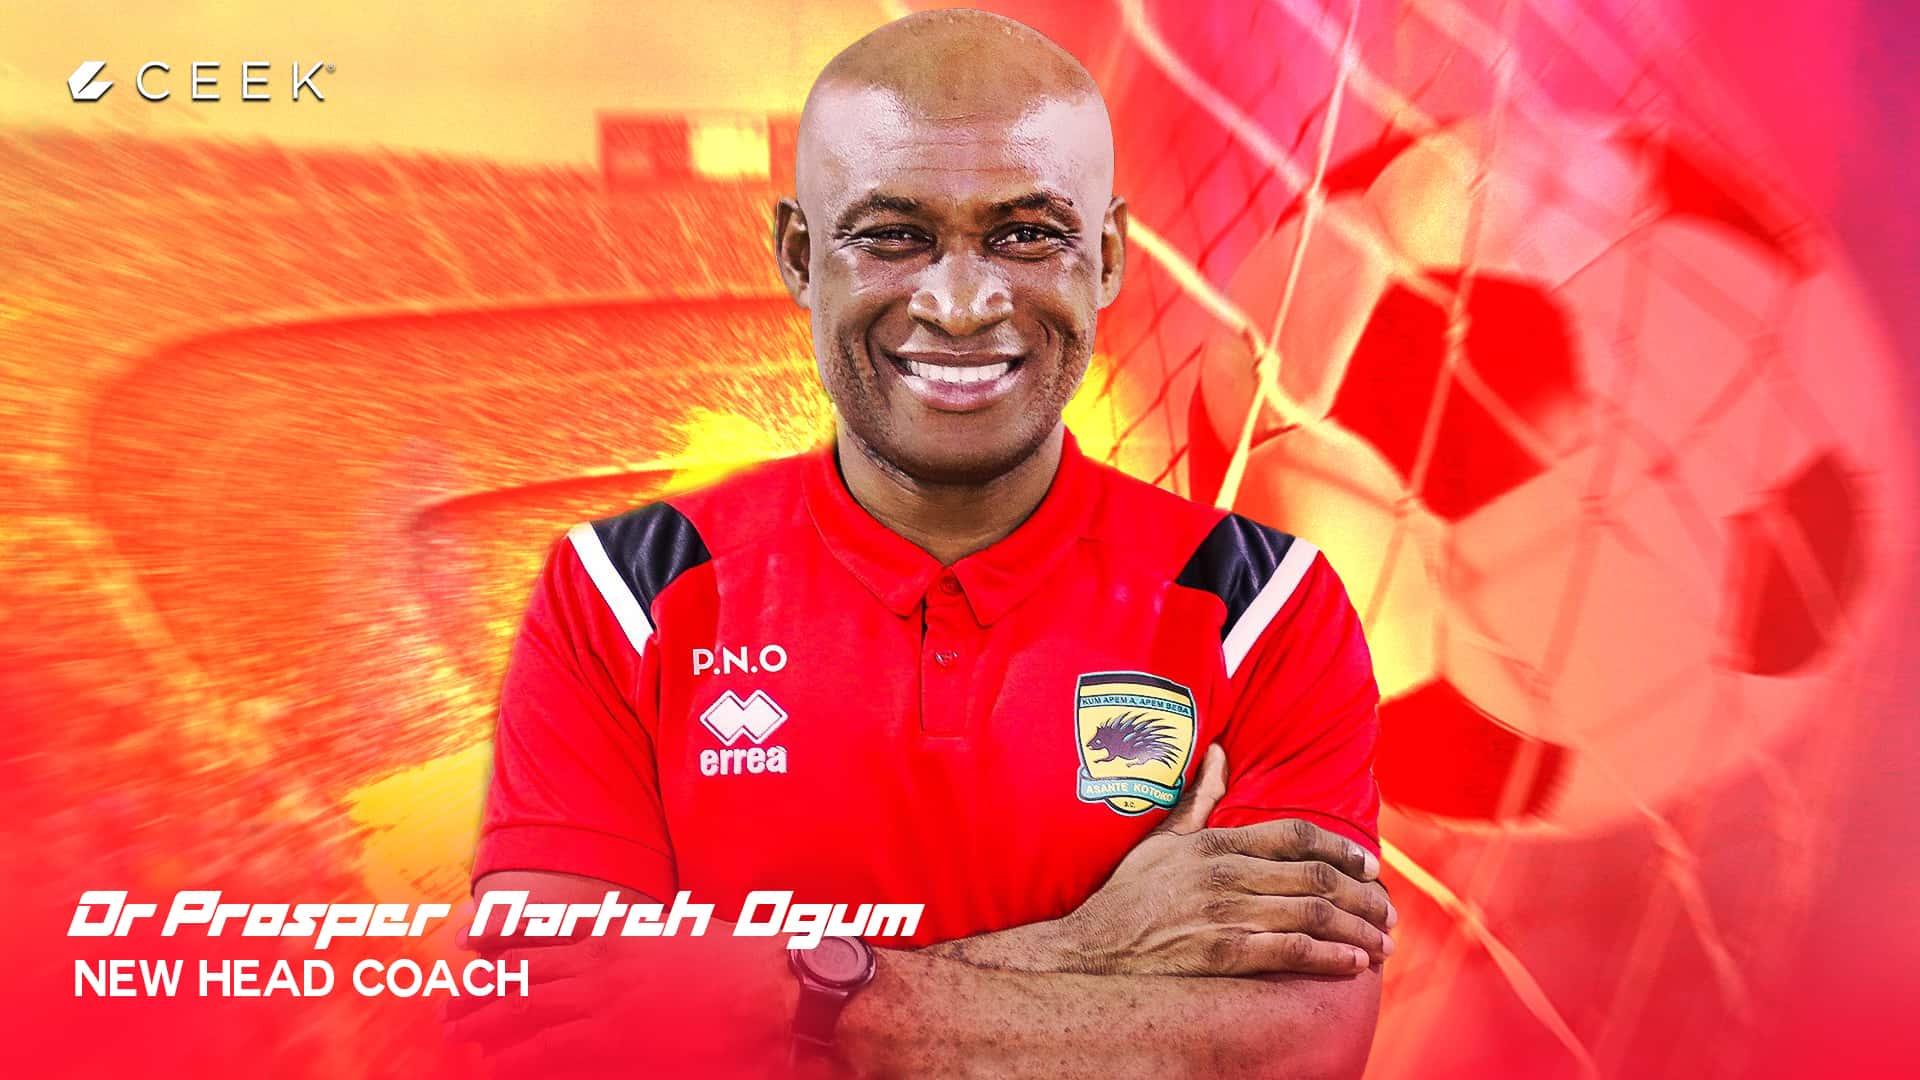 Dr. Prosper Narteh Ogum - New Head Coach Upclose